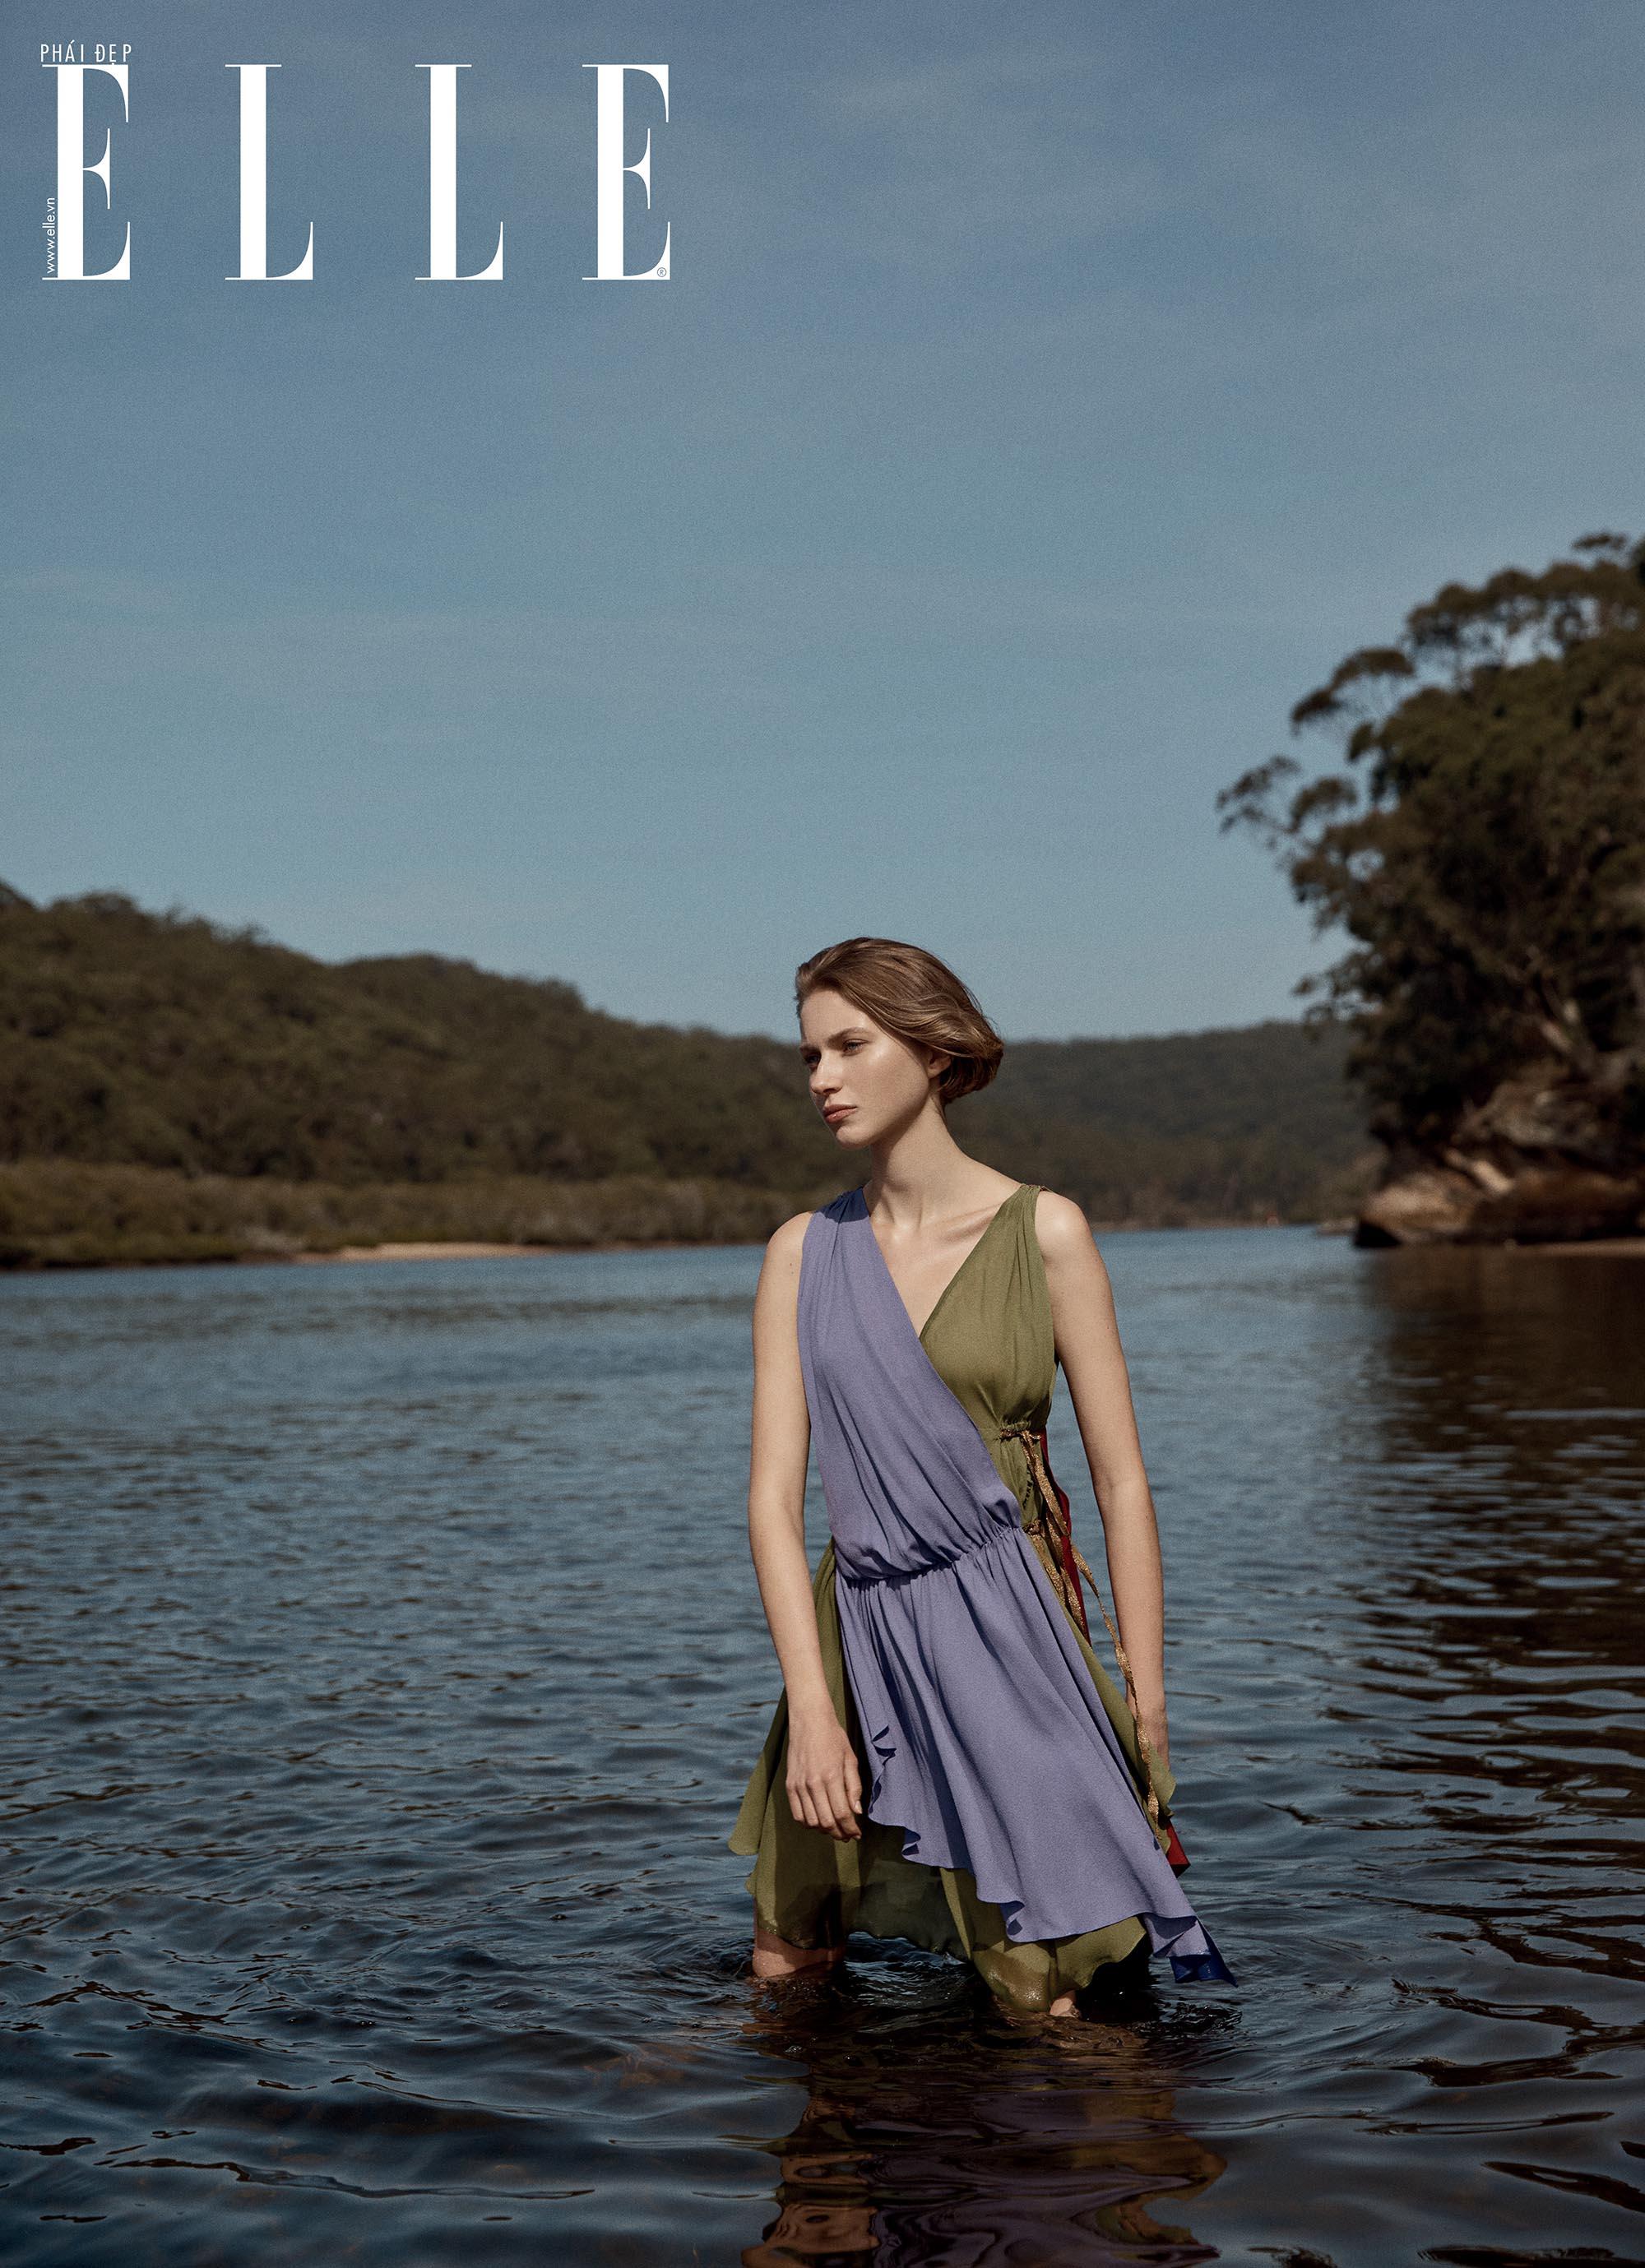 bộ ảnh cô gái đứng dưới hồ